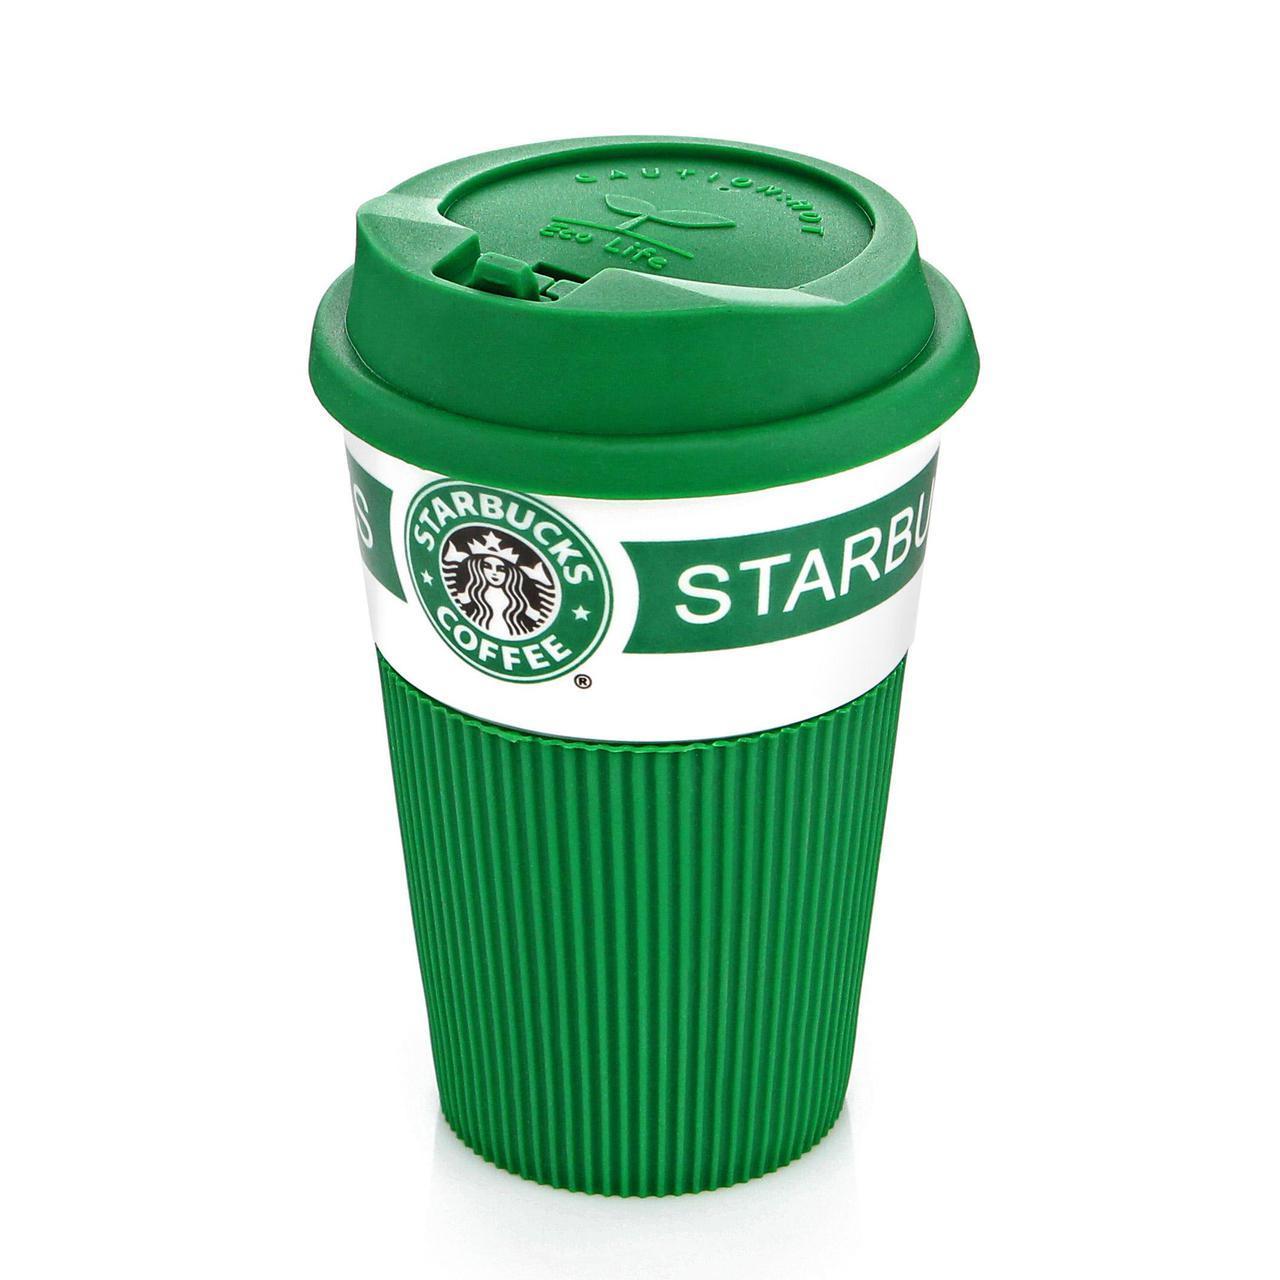 Саме То / Термокружка Starbucks Старбакс керамическая термочашка, Зеленая, кружка, Термокружки